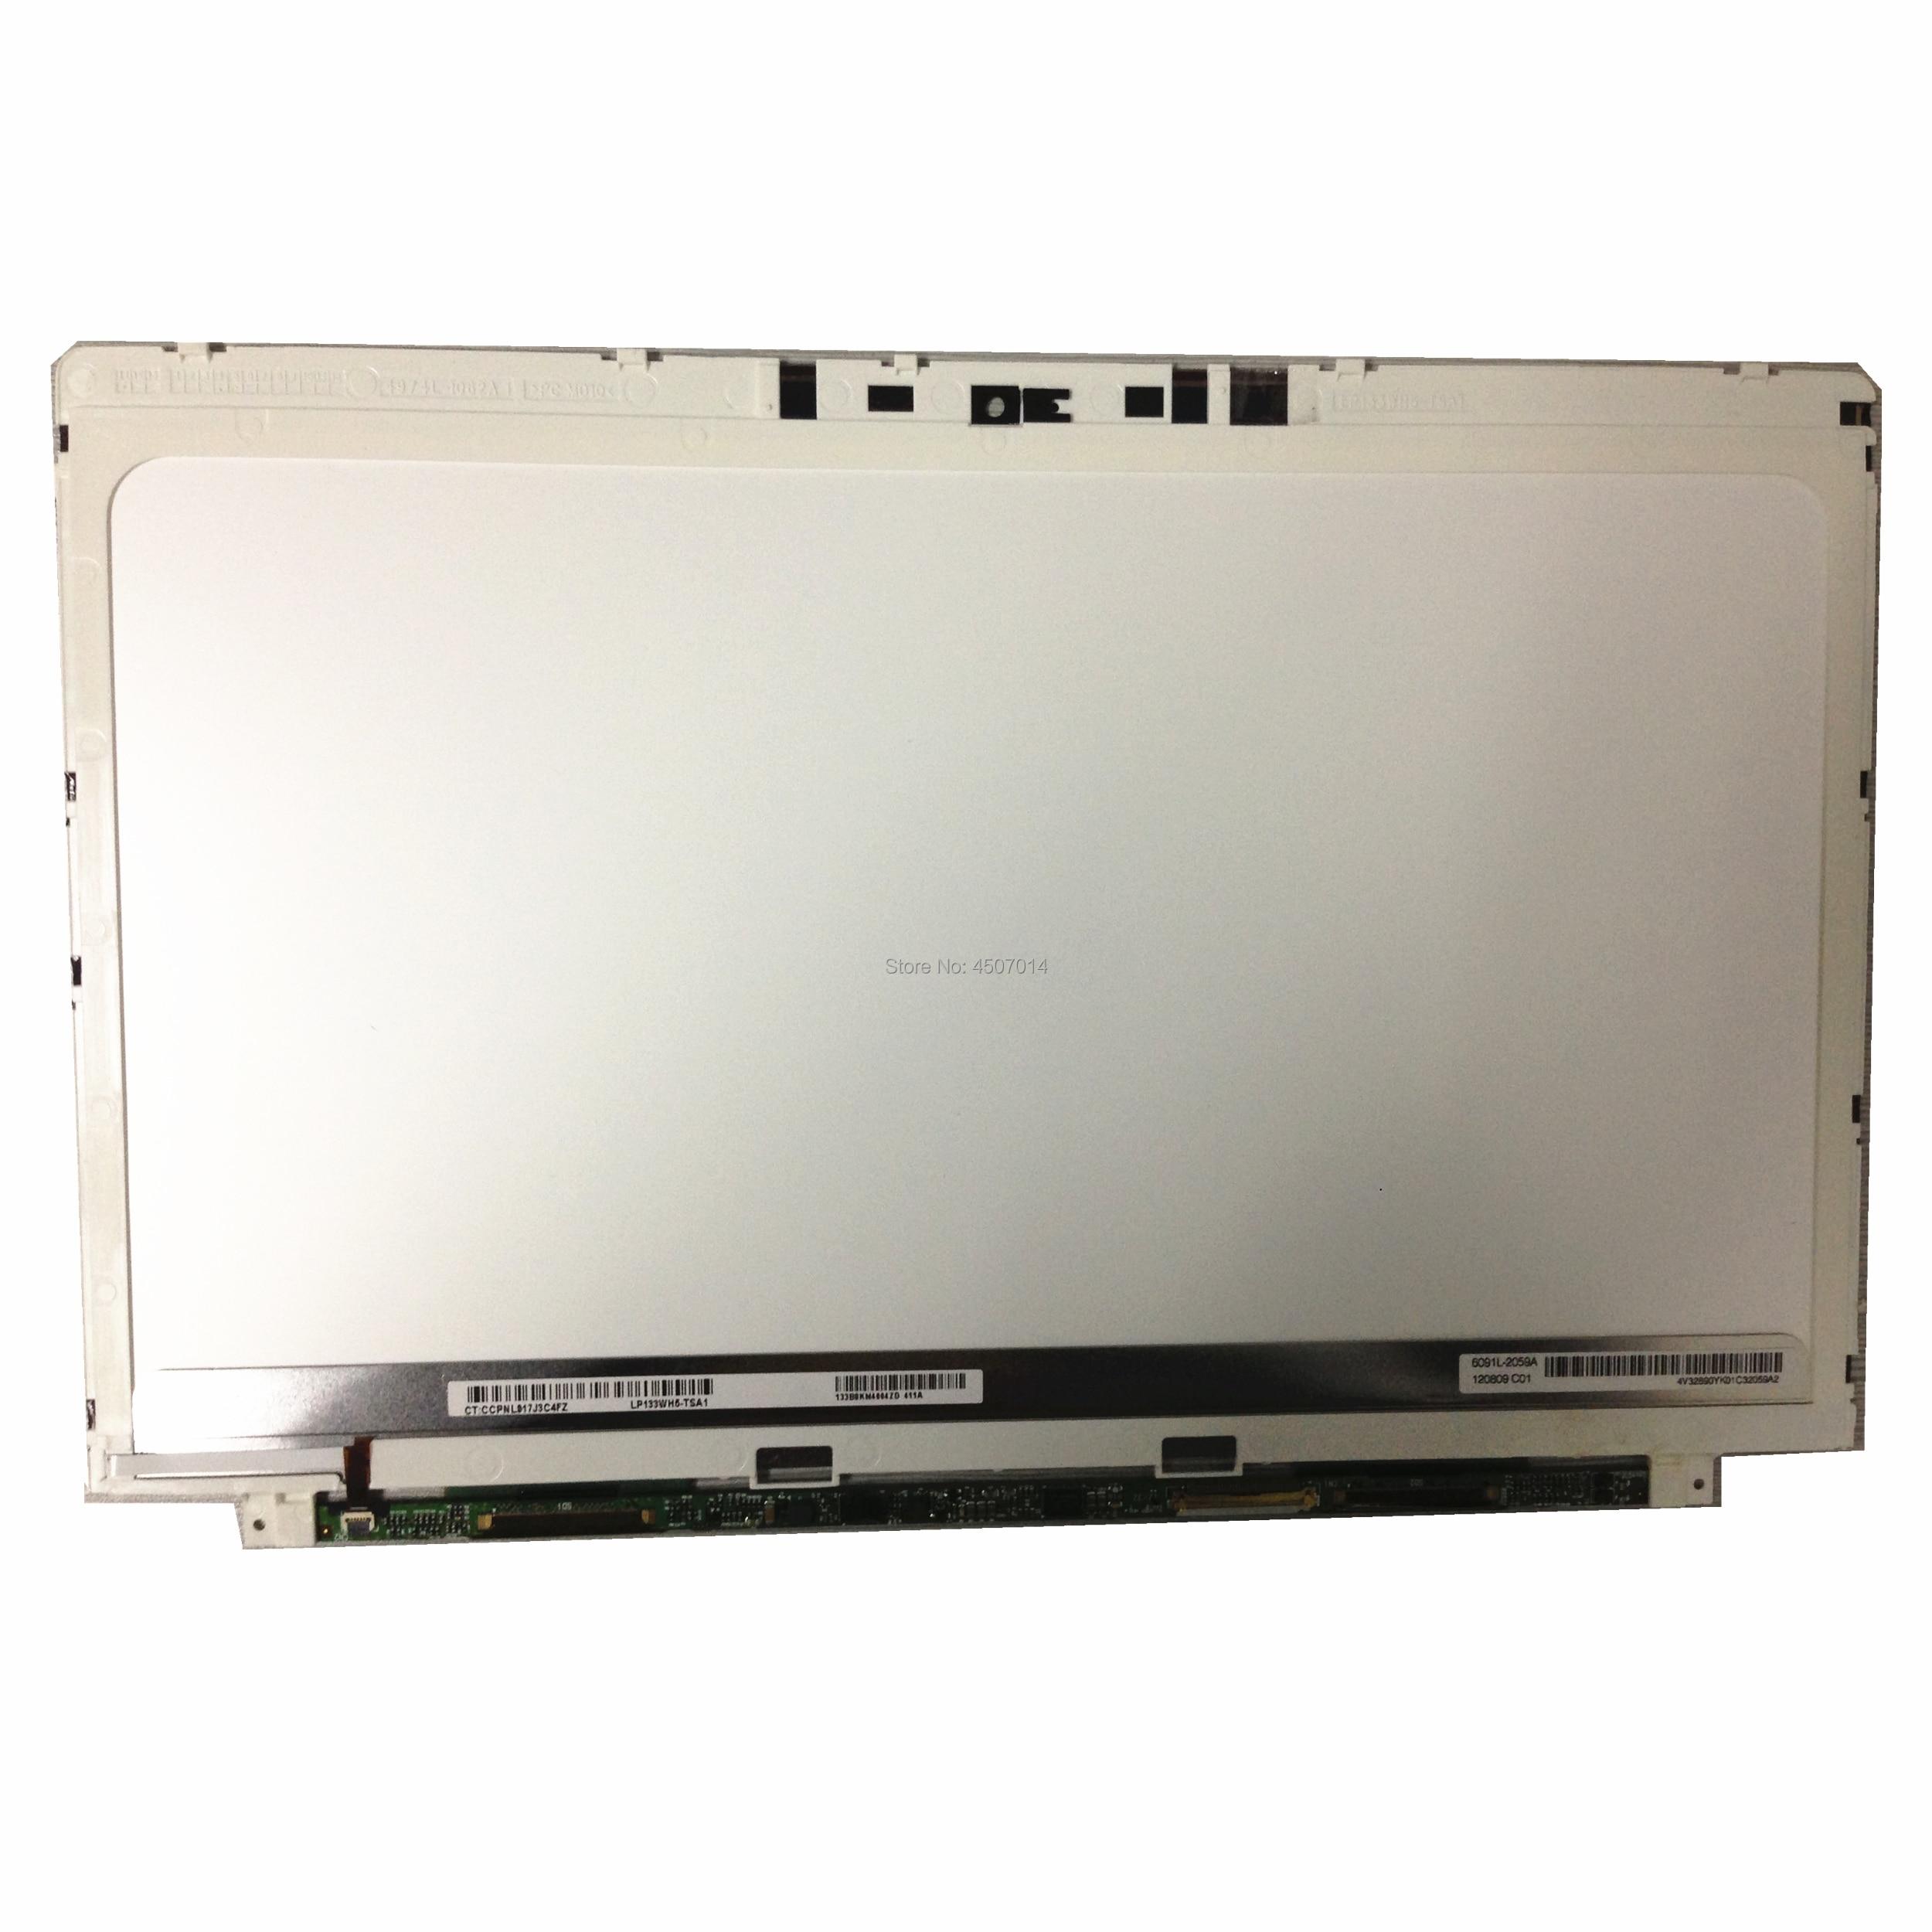 Free Shipping 13.3''LP133WH5-TSA1 LP133WH5 TSA1 Fit for HP Spectre XT Pro 13 Laptop Lcd Screen